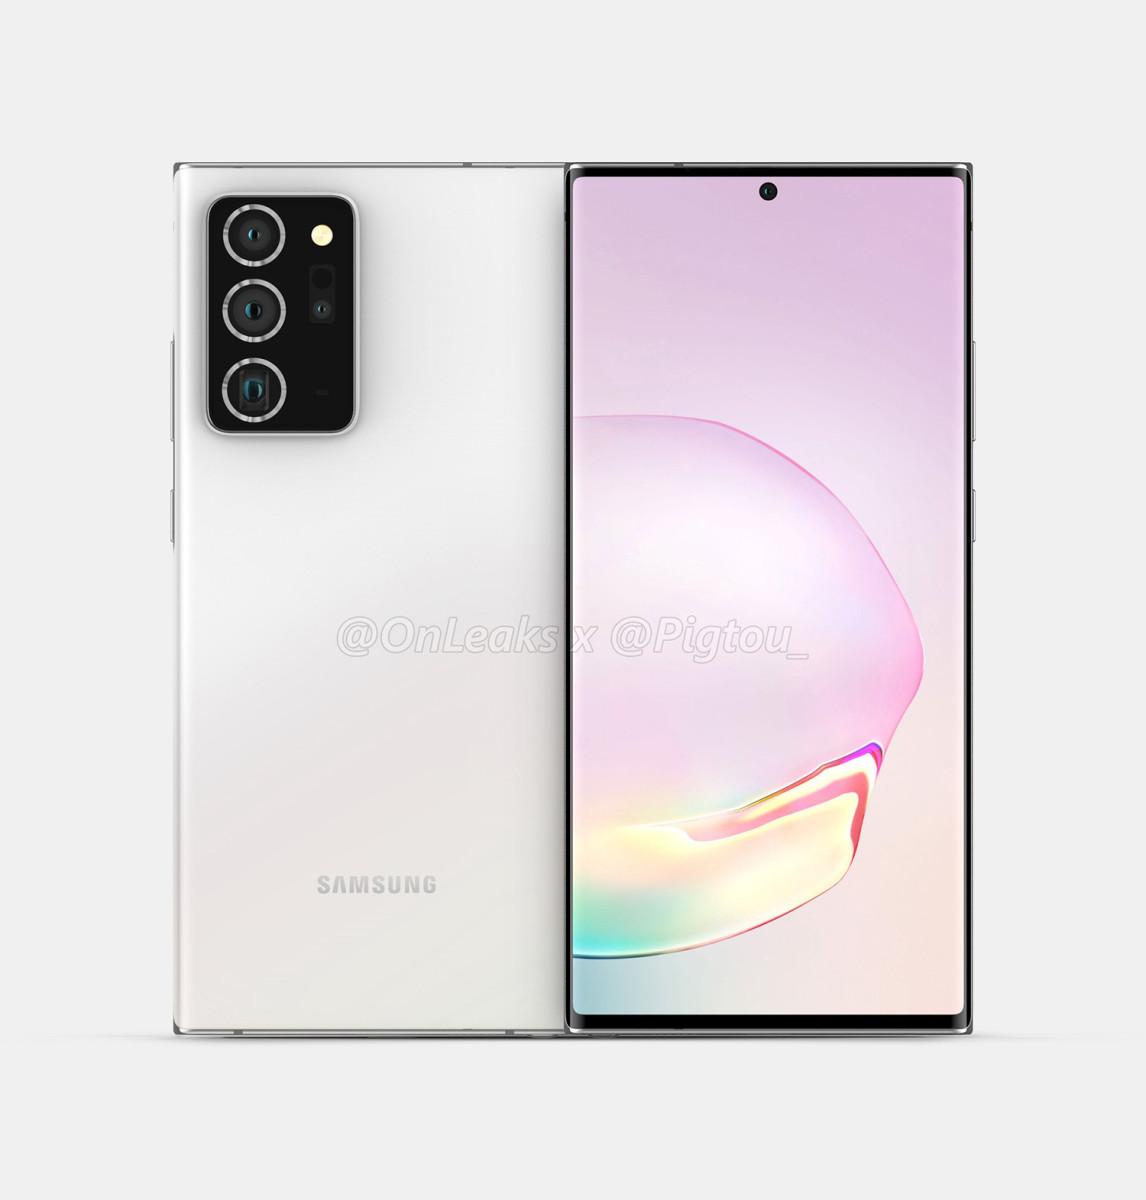 據稱 Galaxy Note 20+ 為 165mm x77.2mm x7.6mm,比現時 Galaxy Note10+ 稍薄但會修長一點,亦與 Galaxy S20 Ultra 體積相近。